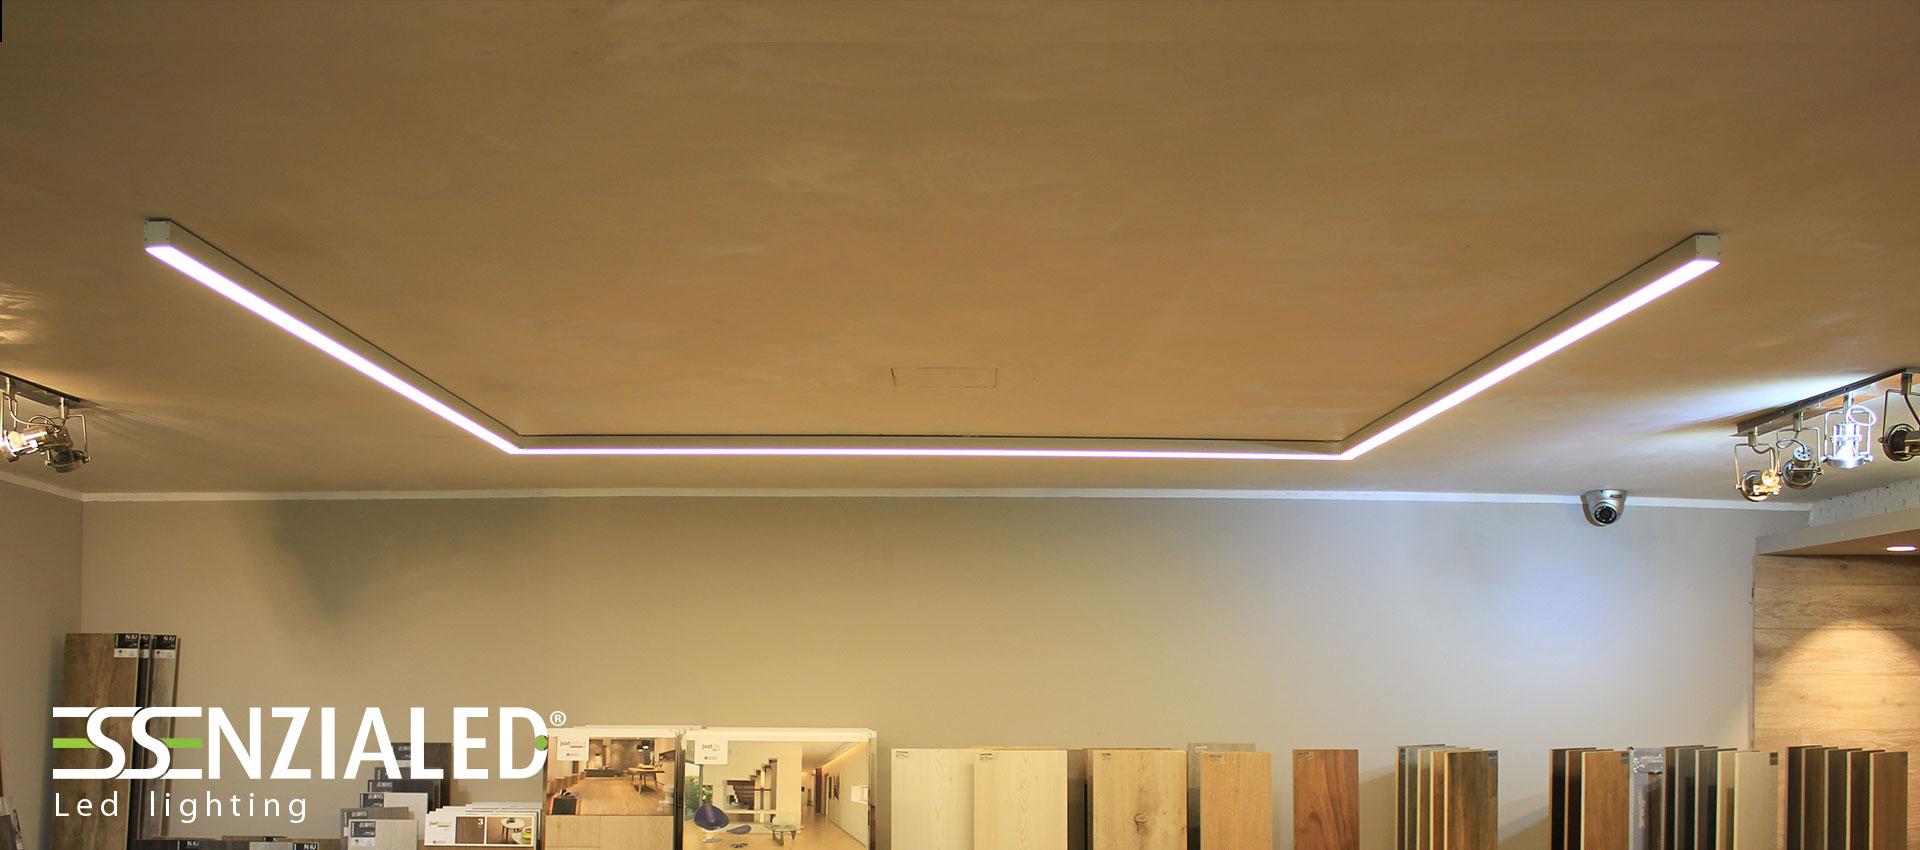 Lampade led lineari prodotte su misuraessenzialed for Illuminazione a led